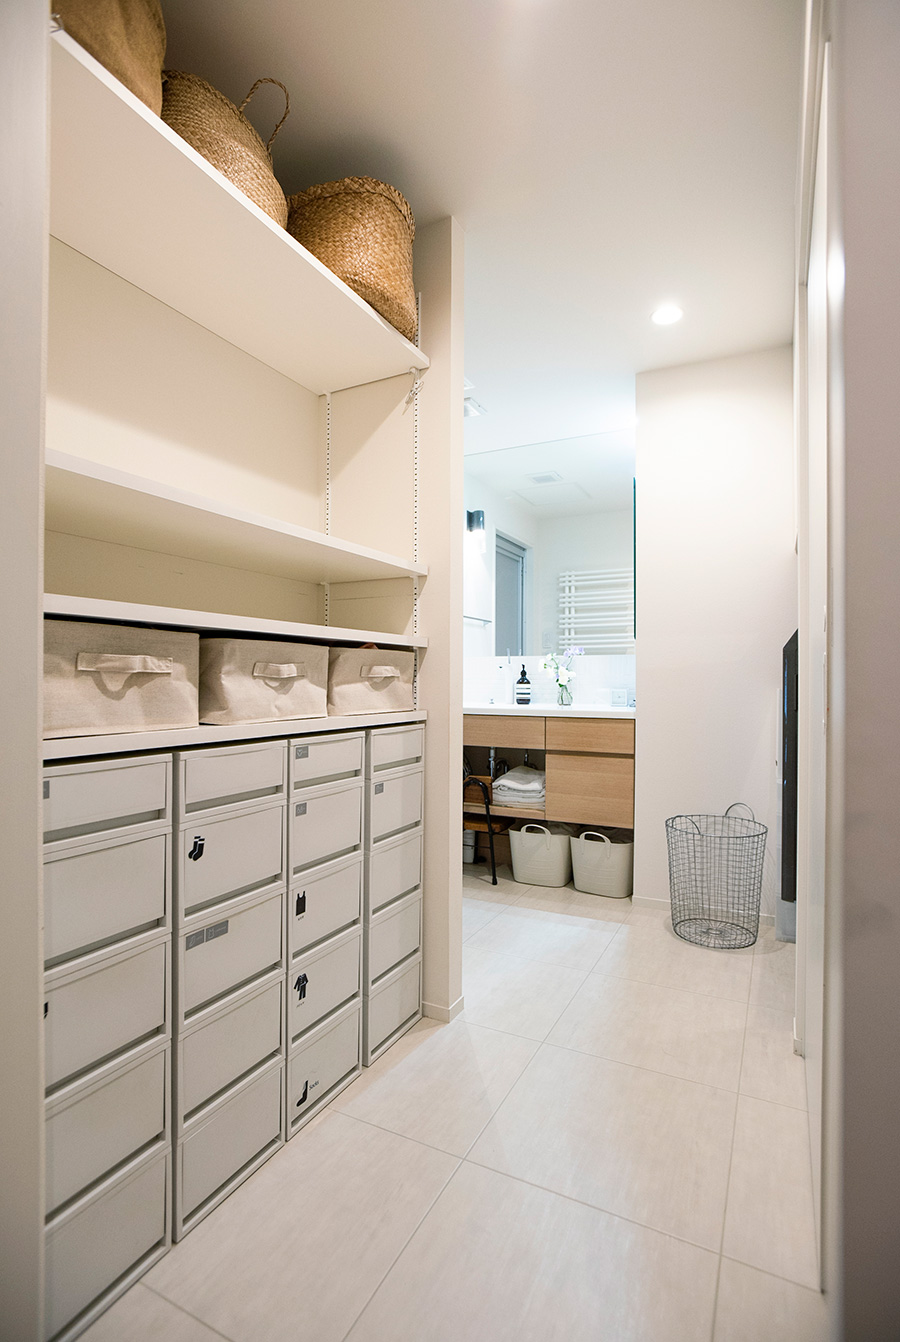 洗面所の入り口。右手にトイレ、ランドリー、左奥にバスルームがある。左手前の棚は、脱衣を仮置きできるようスペースを空けている。